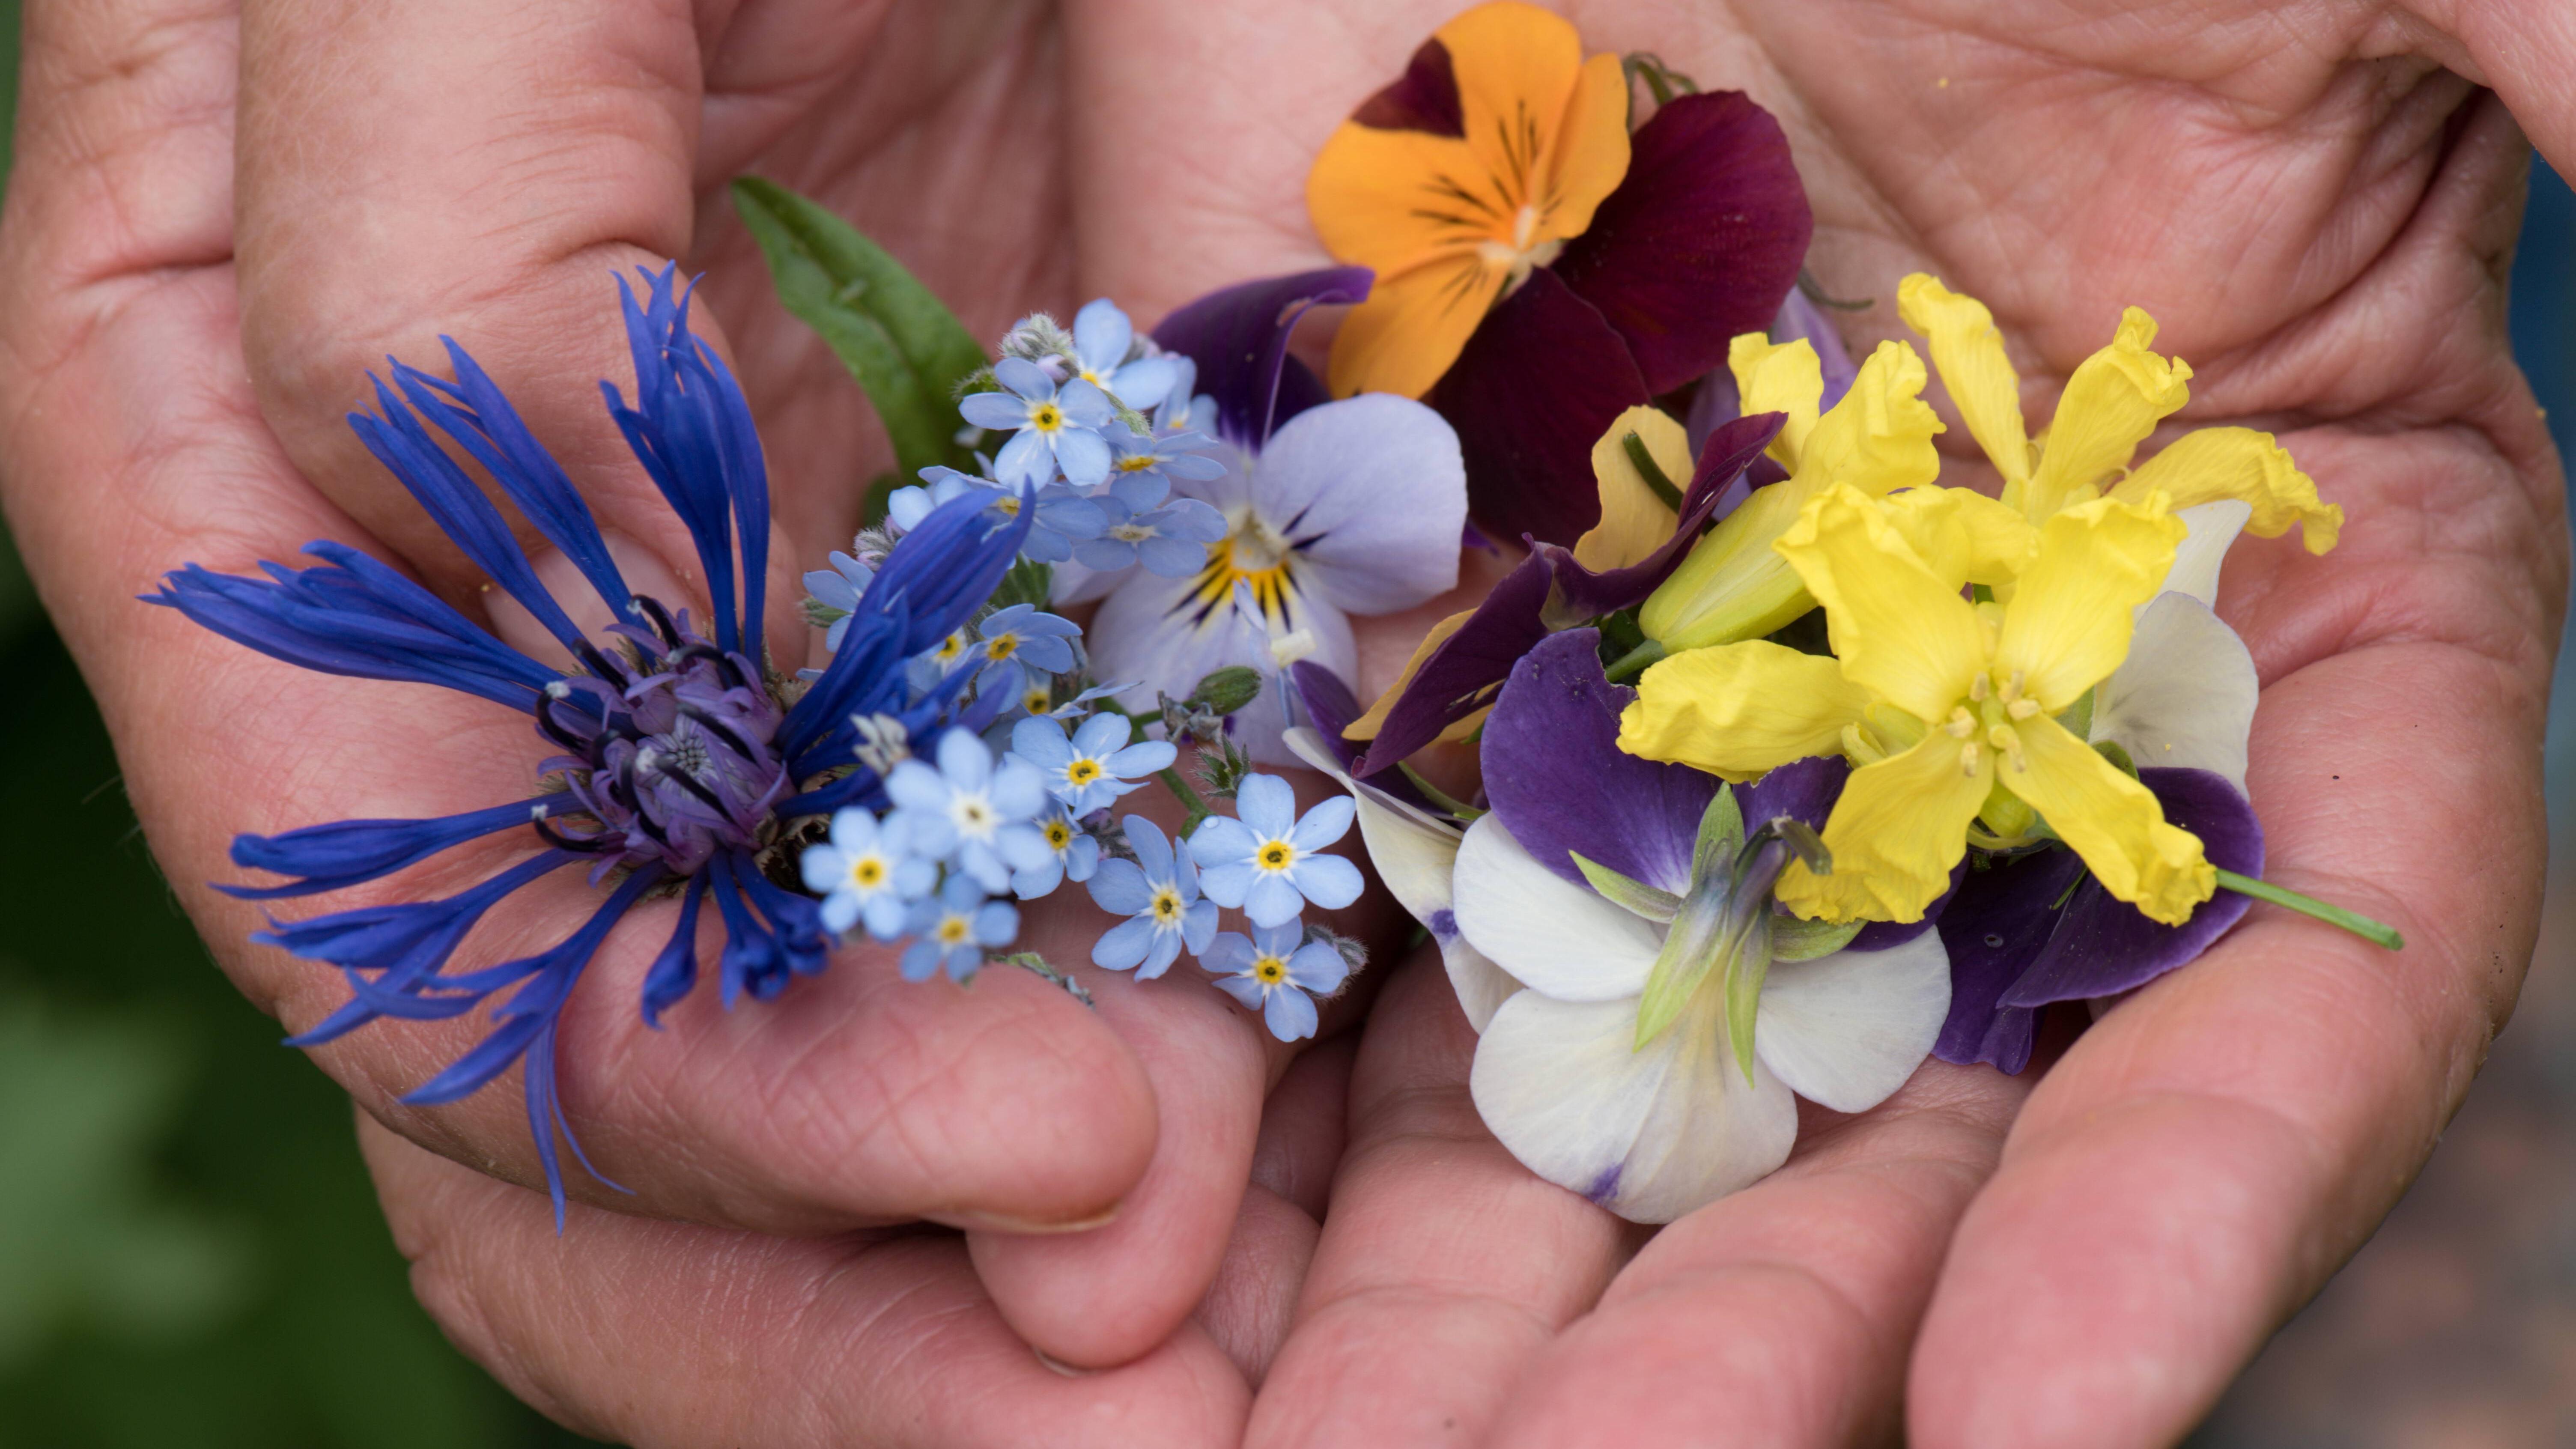 Es gibt viele essbare Blüten, mit denen Speisen verziert und verfeinert werden können.